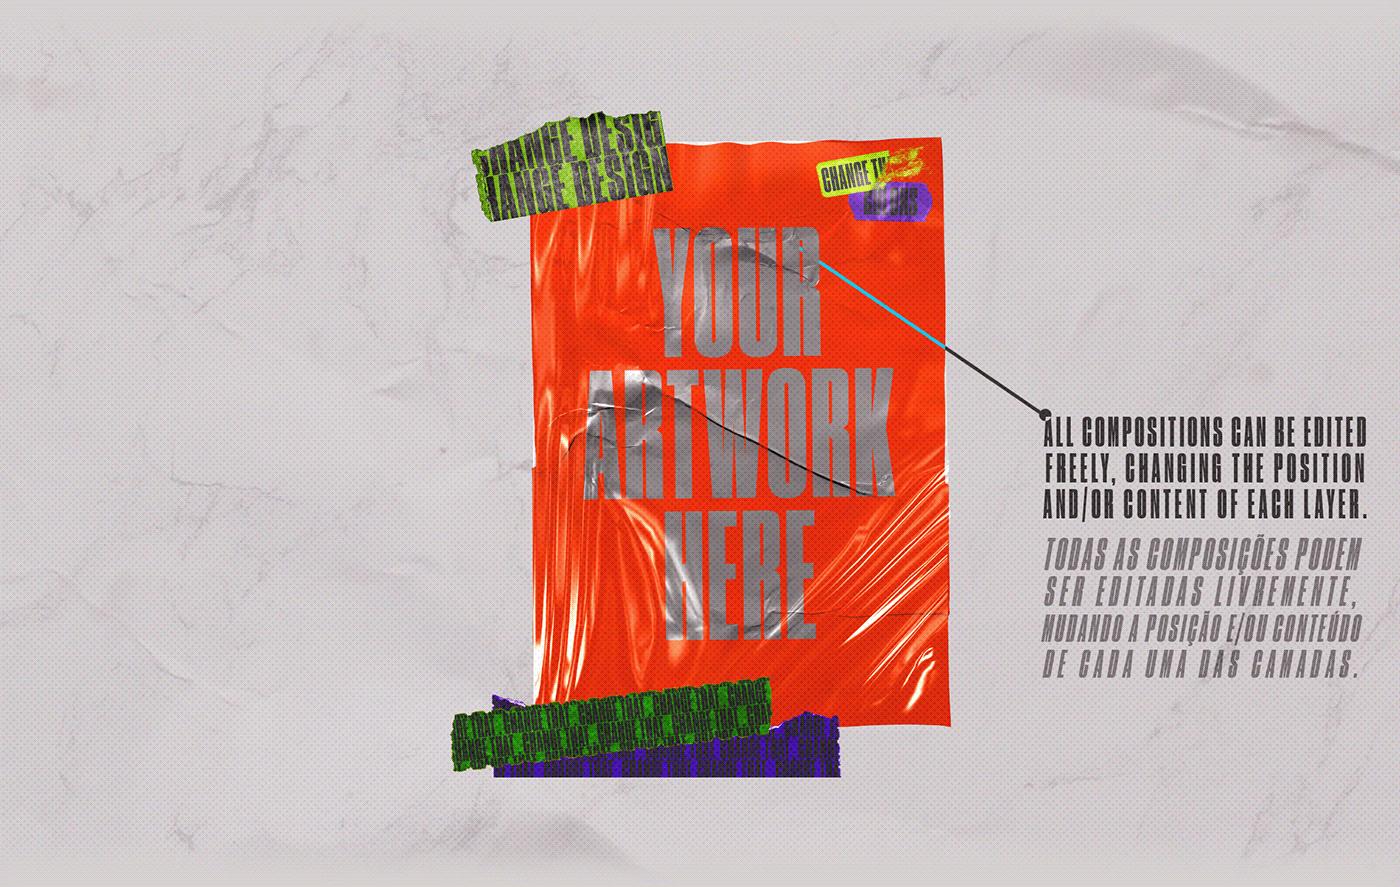 [淘宝购买] 4款潮流撕纸塑料袋叠层效果海报设计贴图PSD样机 CORES Mockups Pack插图(4)